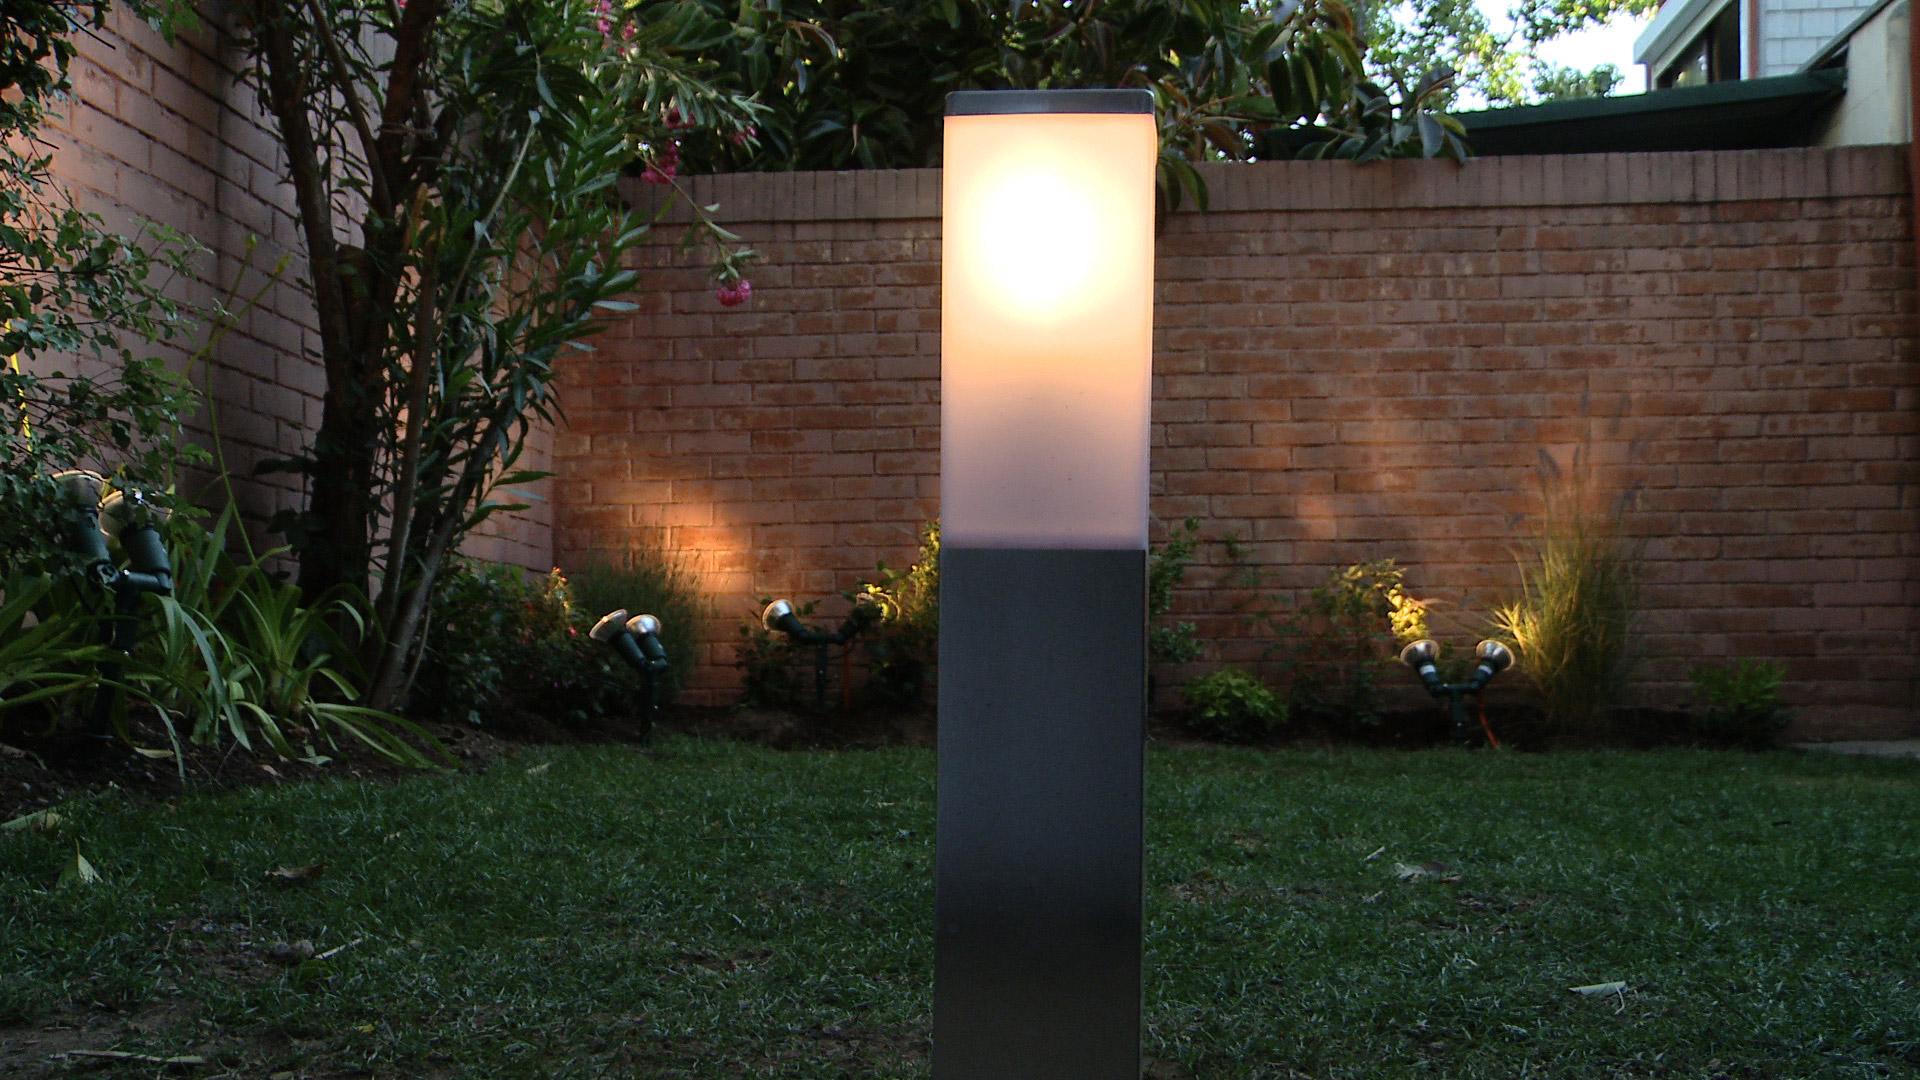 Hgalo Usted Mismo  Cmo instalar luces en el jardn